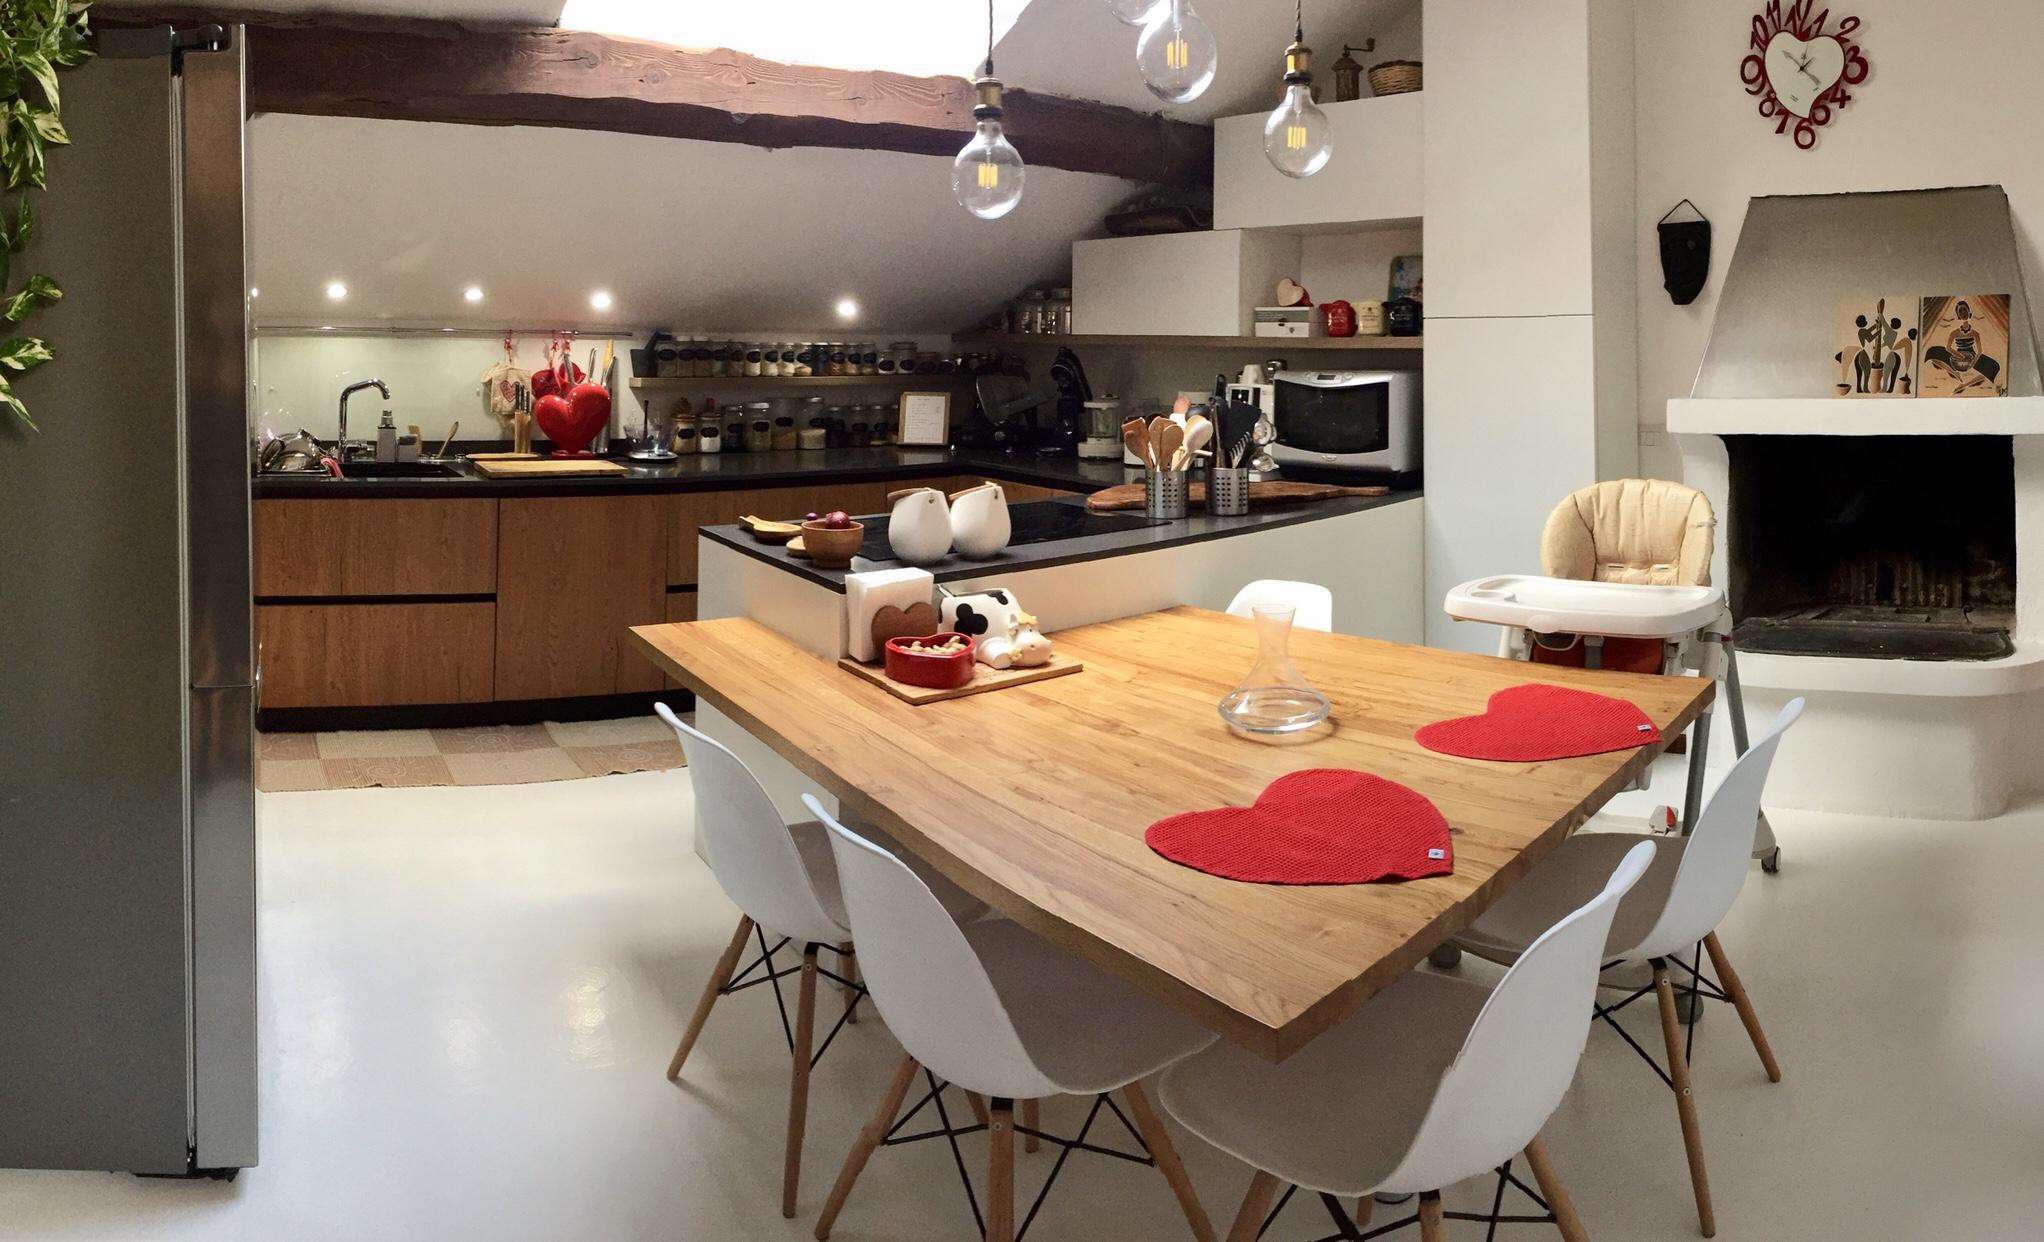 Una nuova cucina organizzata e accessoriata su misura per noi